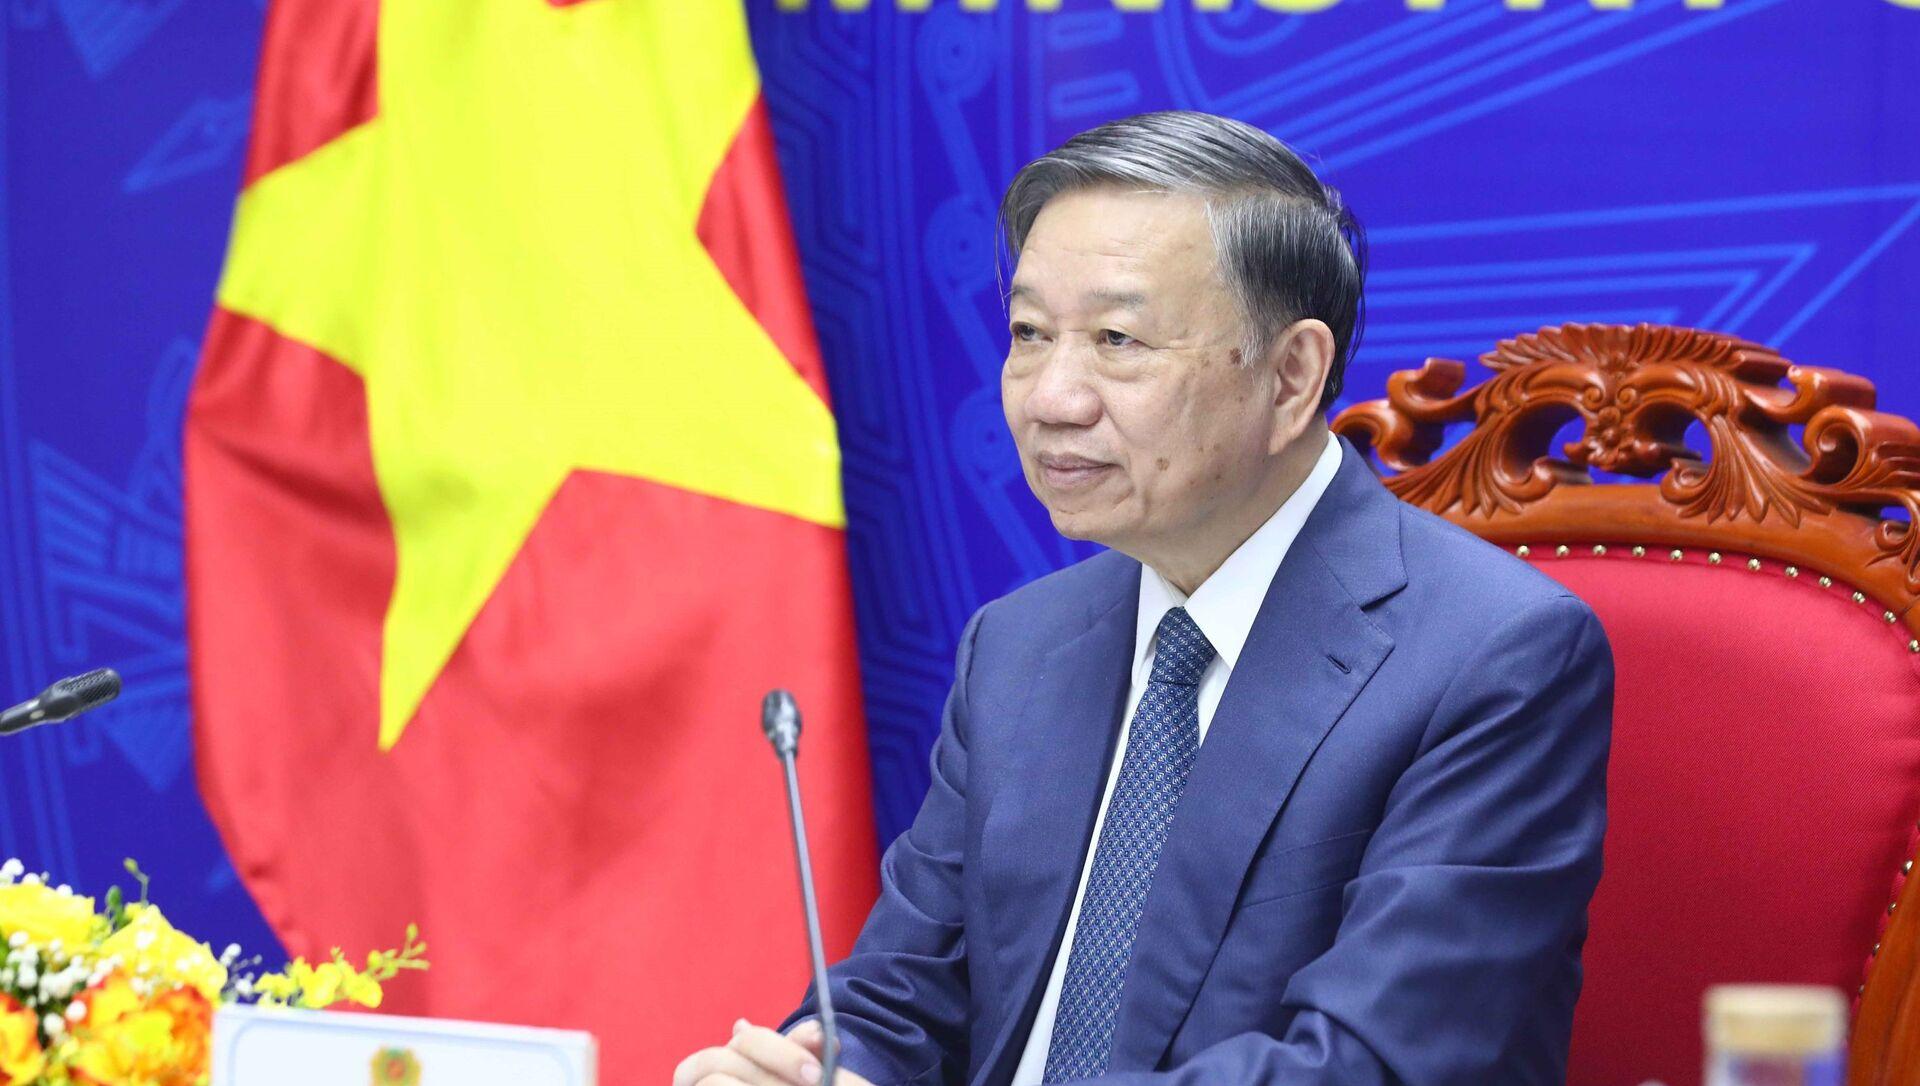 Bộ trưởng Công an Tô Lâm hội đàm trực tuyến với Bí thư Ủy ban chính pháp Trung ương Đảng Cộng sản Trung Quốc - Sputnik Việt Nam, 1920, 16.09.2021